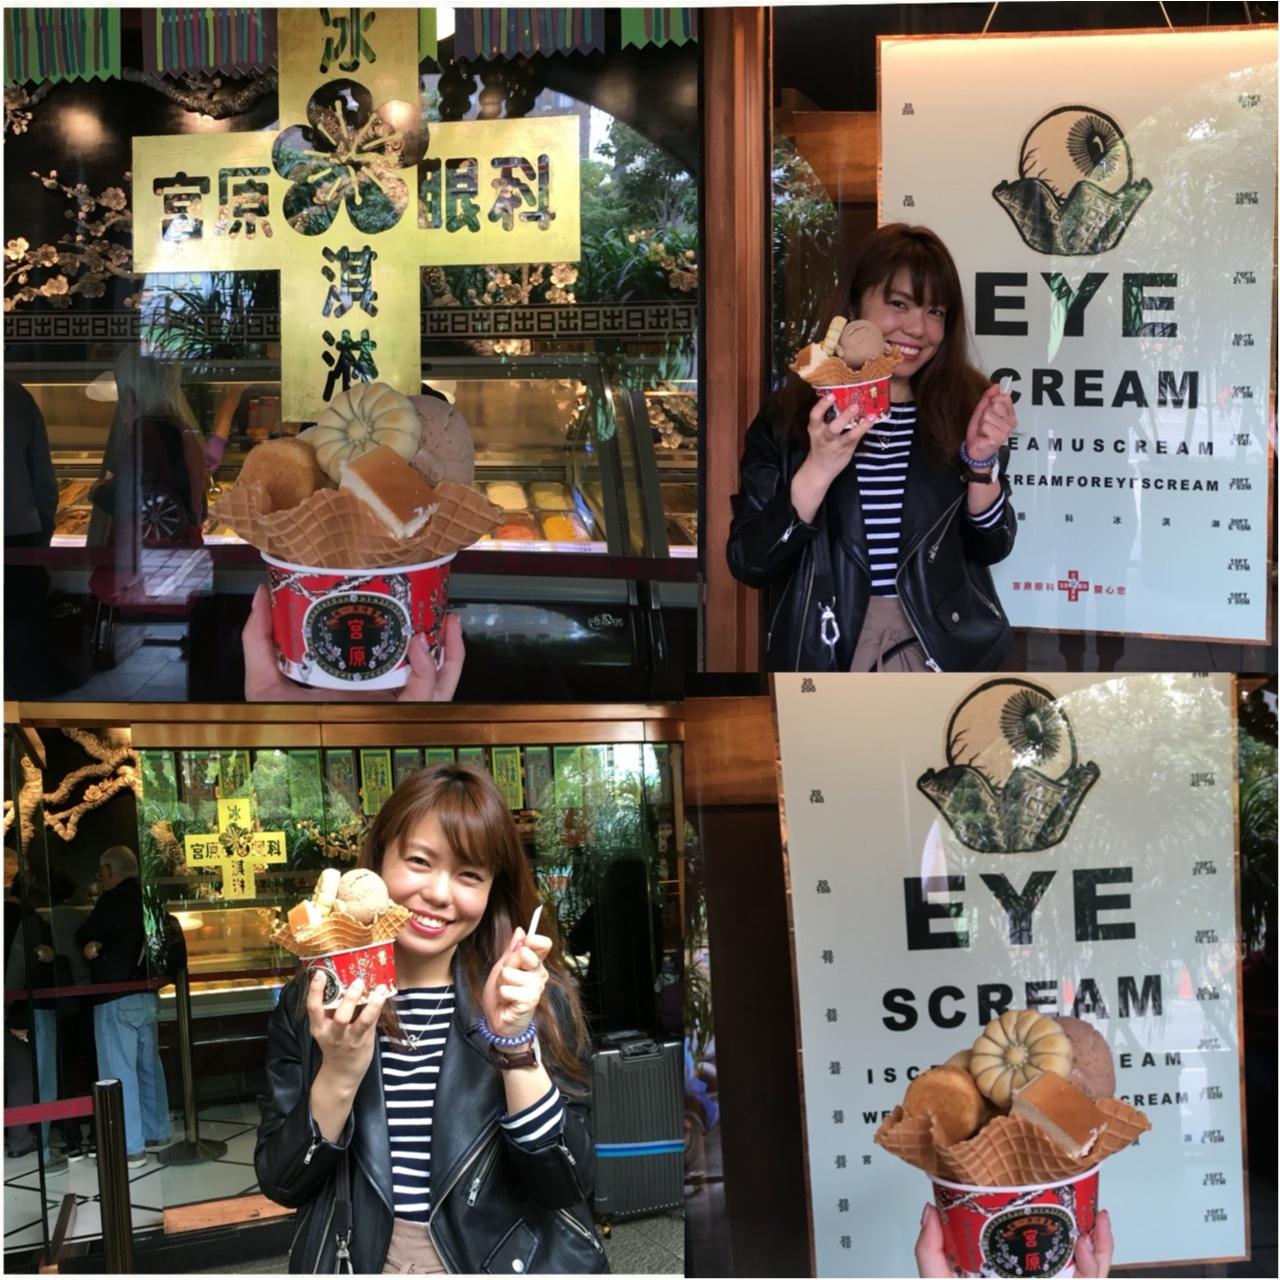 台湾のおしゃれなカフェ&食べ物特集 - 人気のタピオカや小籠包も! 台湾女子旅におすすめのグルメ情報まとめ_88